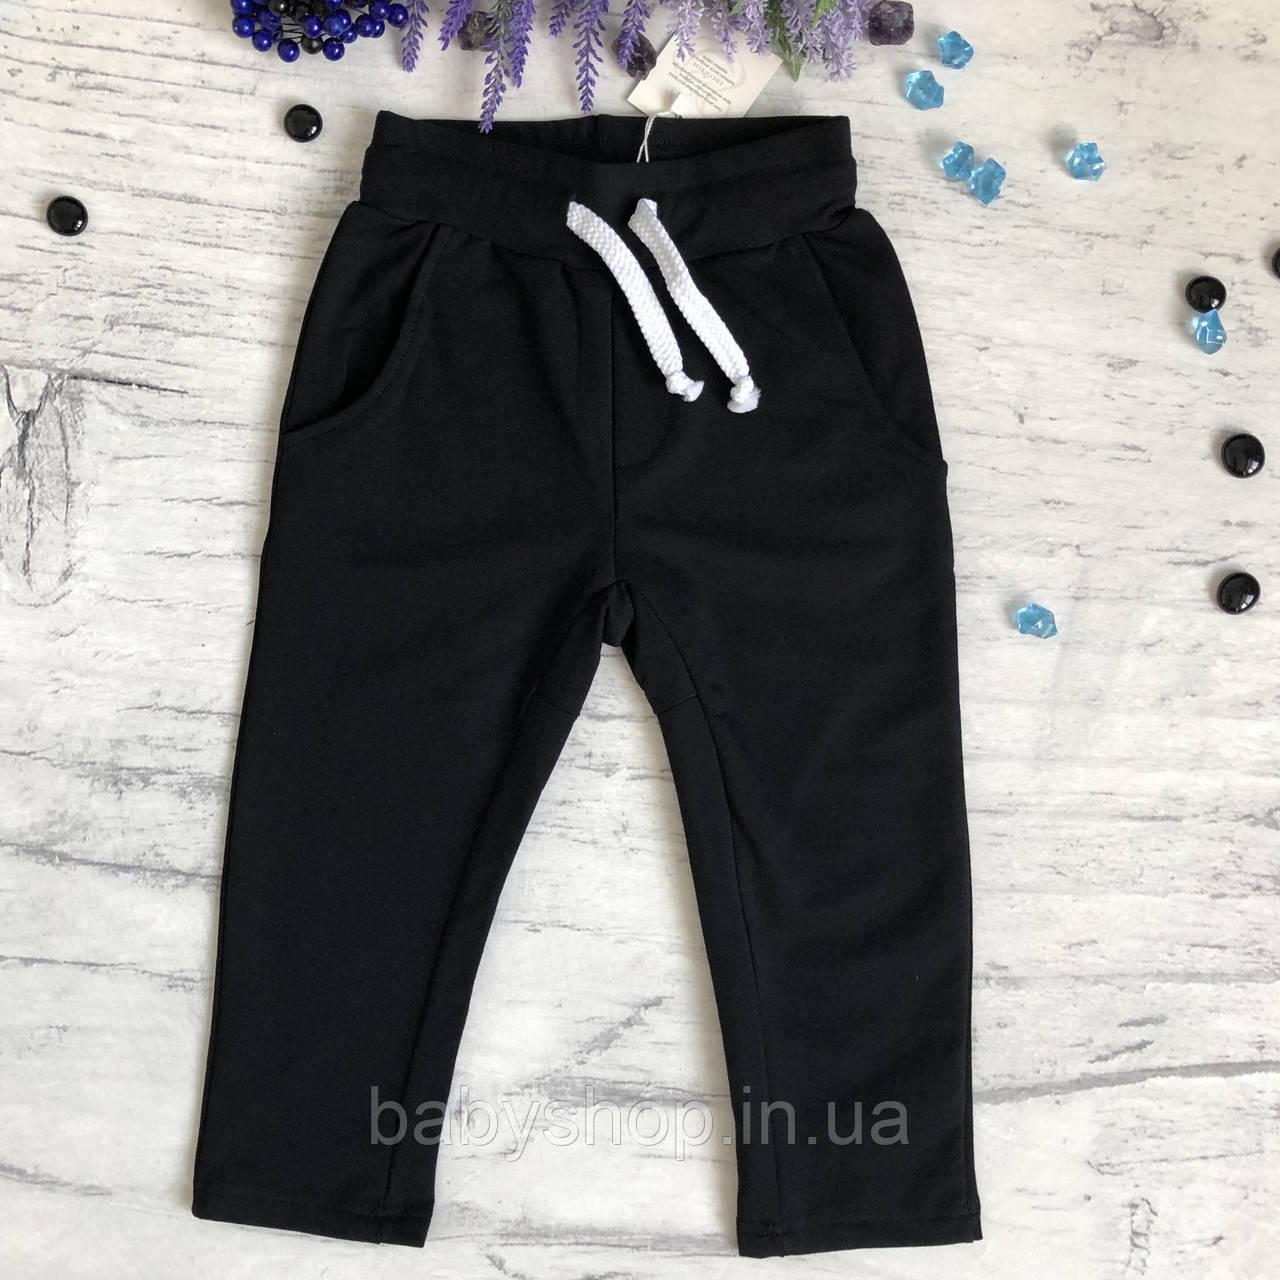 Спортивные штаны на мальчика 3. Размеры 3 года (98см), 4 г(104см), 5лет(110см), 6 л, 7 л, 8л, 10 лет, 12 лет